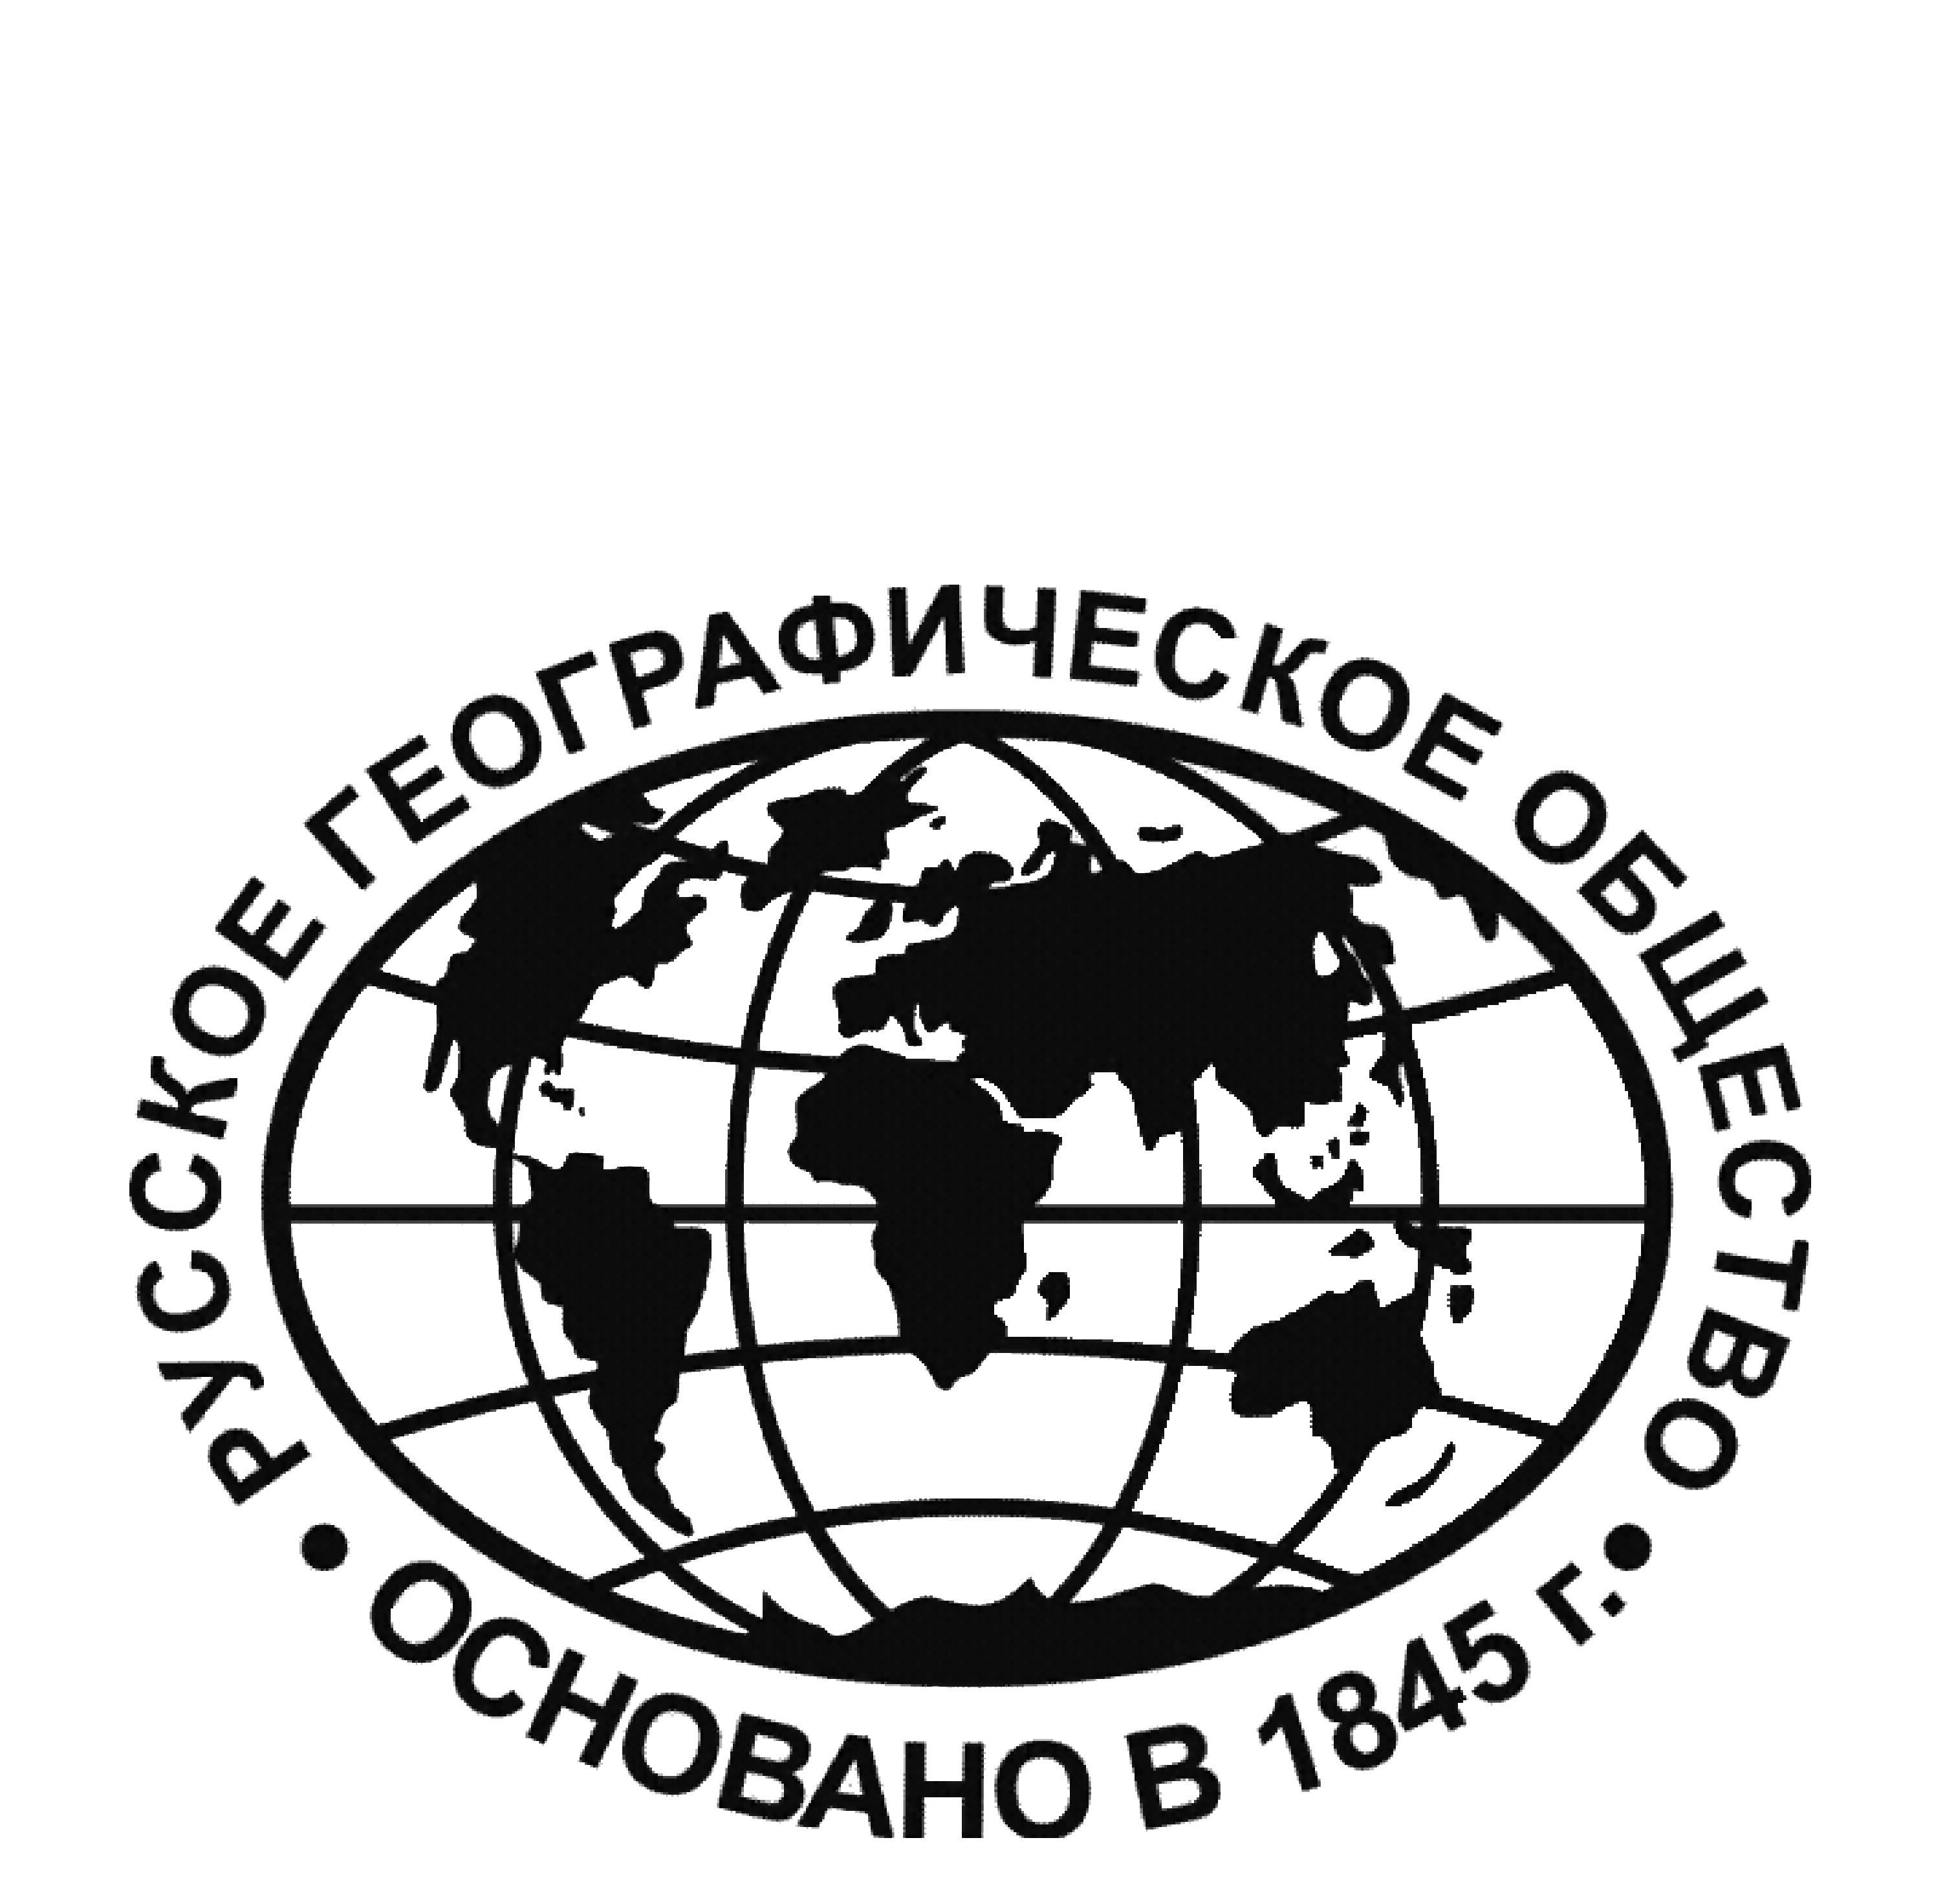 russkoe-geograficheskoe-obzestvo-1